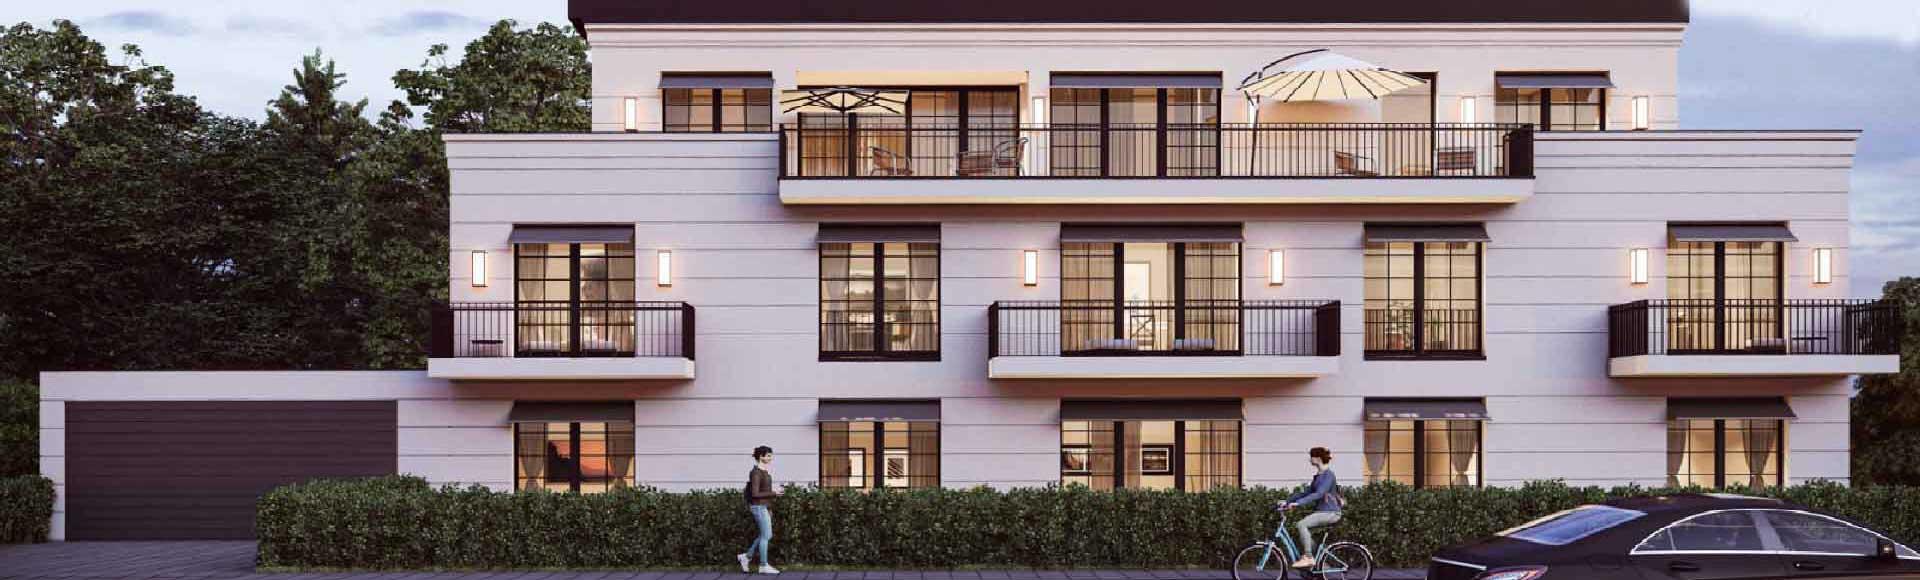 Innenarchitektur für ein Mehrfamilienhaus